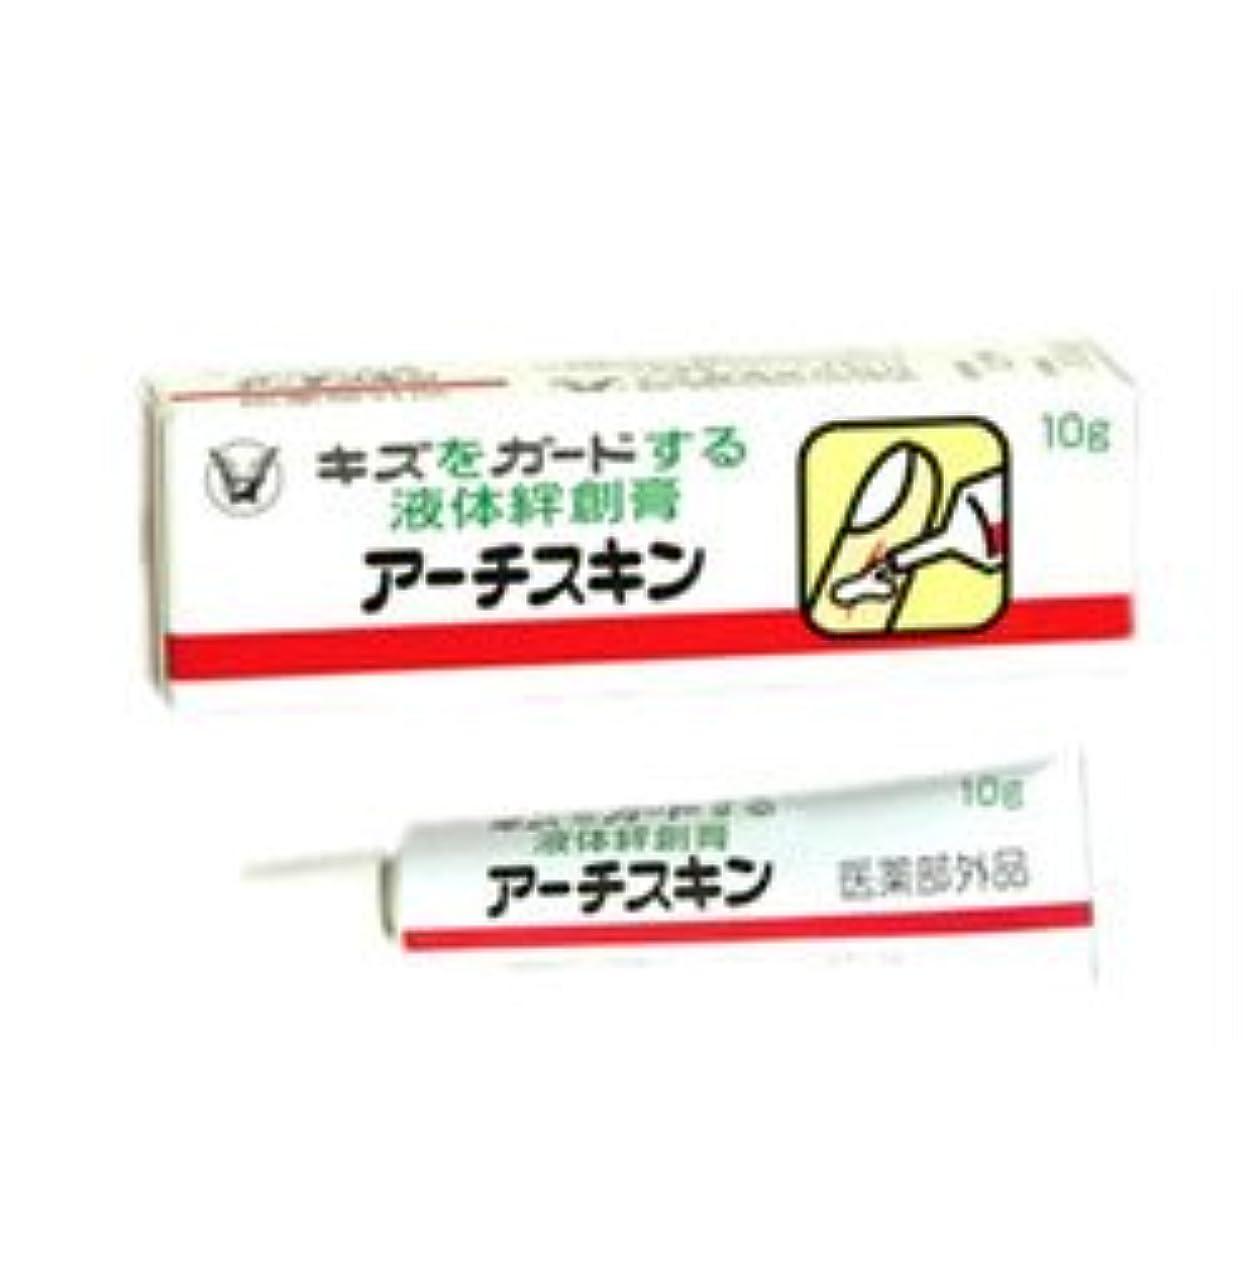 取得するミスペンド言語【大正製薬】アーチスキン 10g ×5個セット